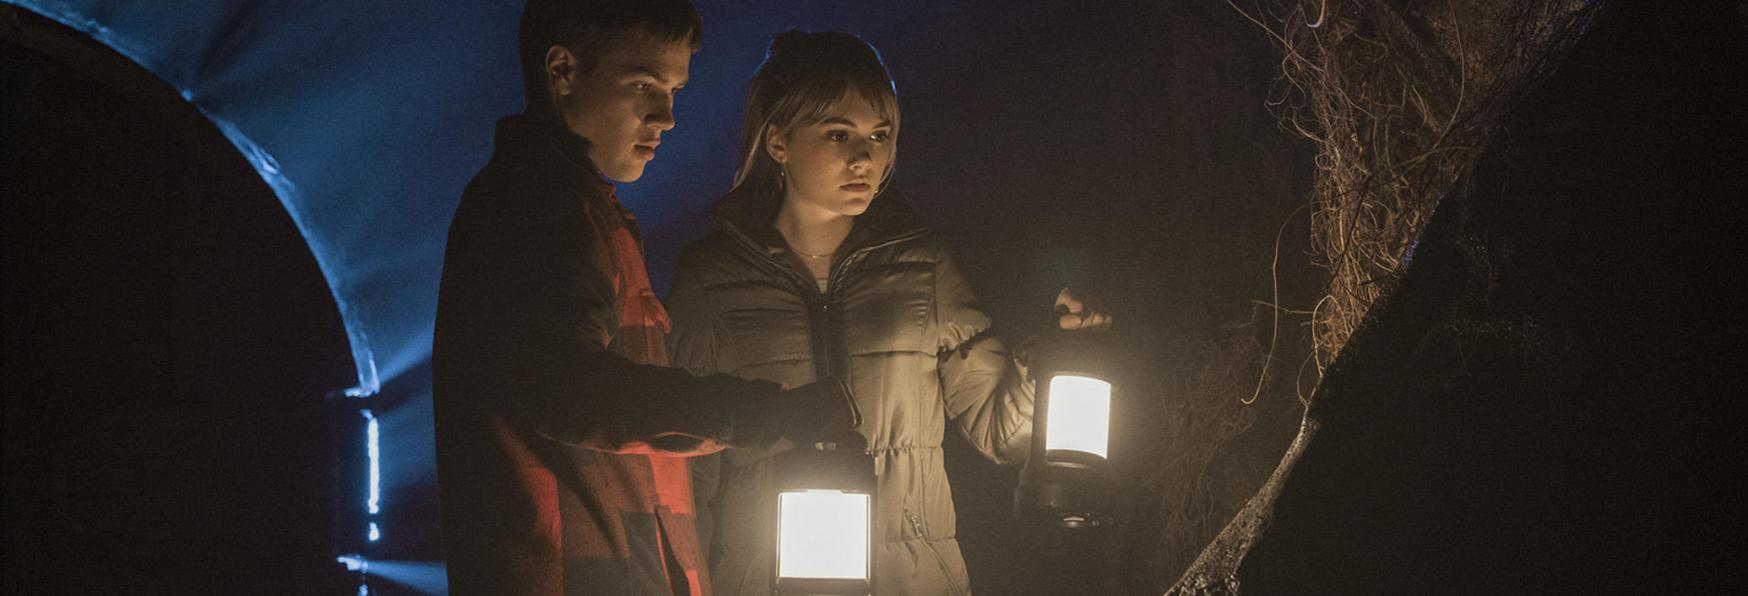 Locke & Key 2: Netflix avrebbe già pianificato la nuova Stagione della Serie TV